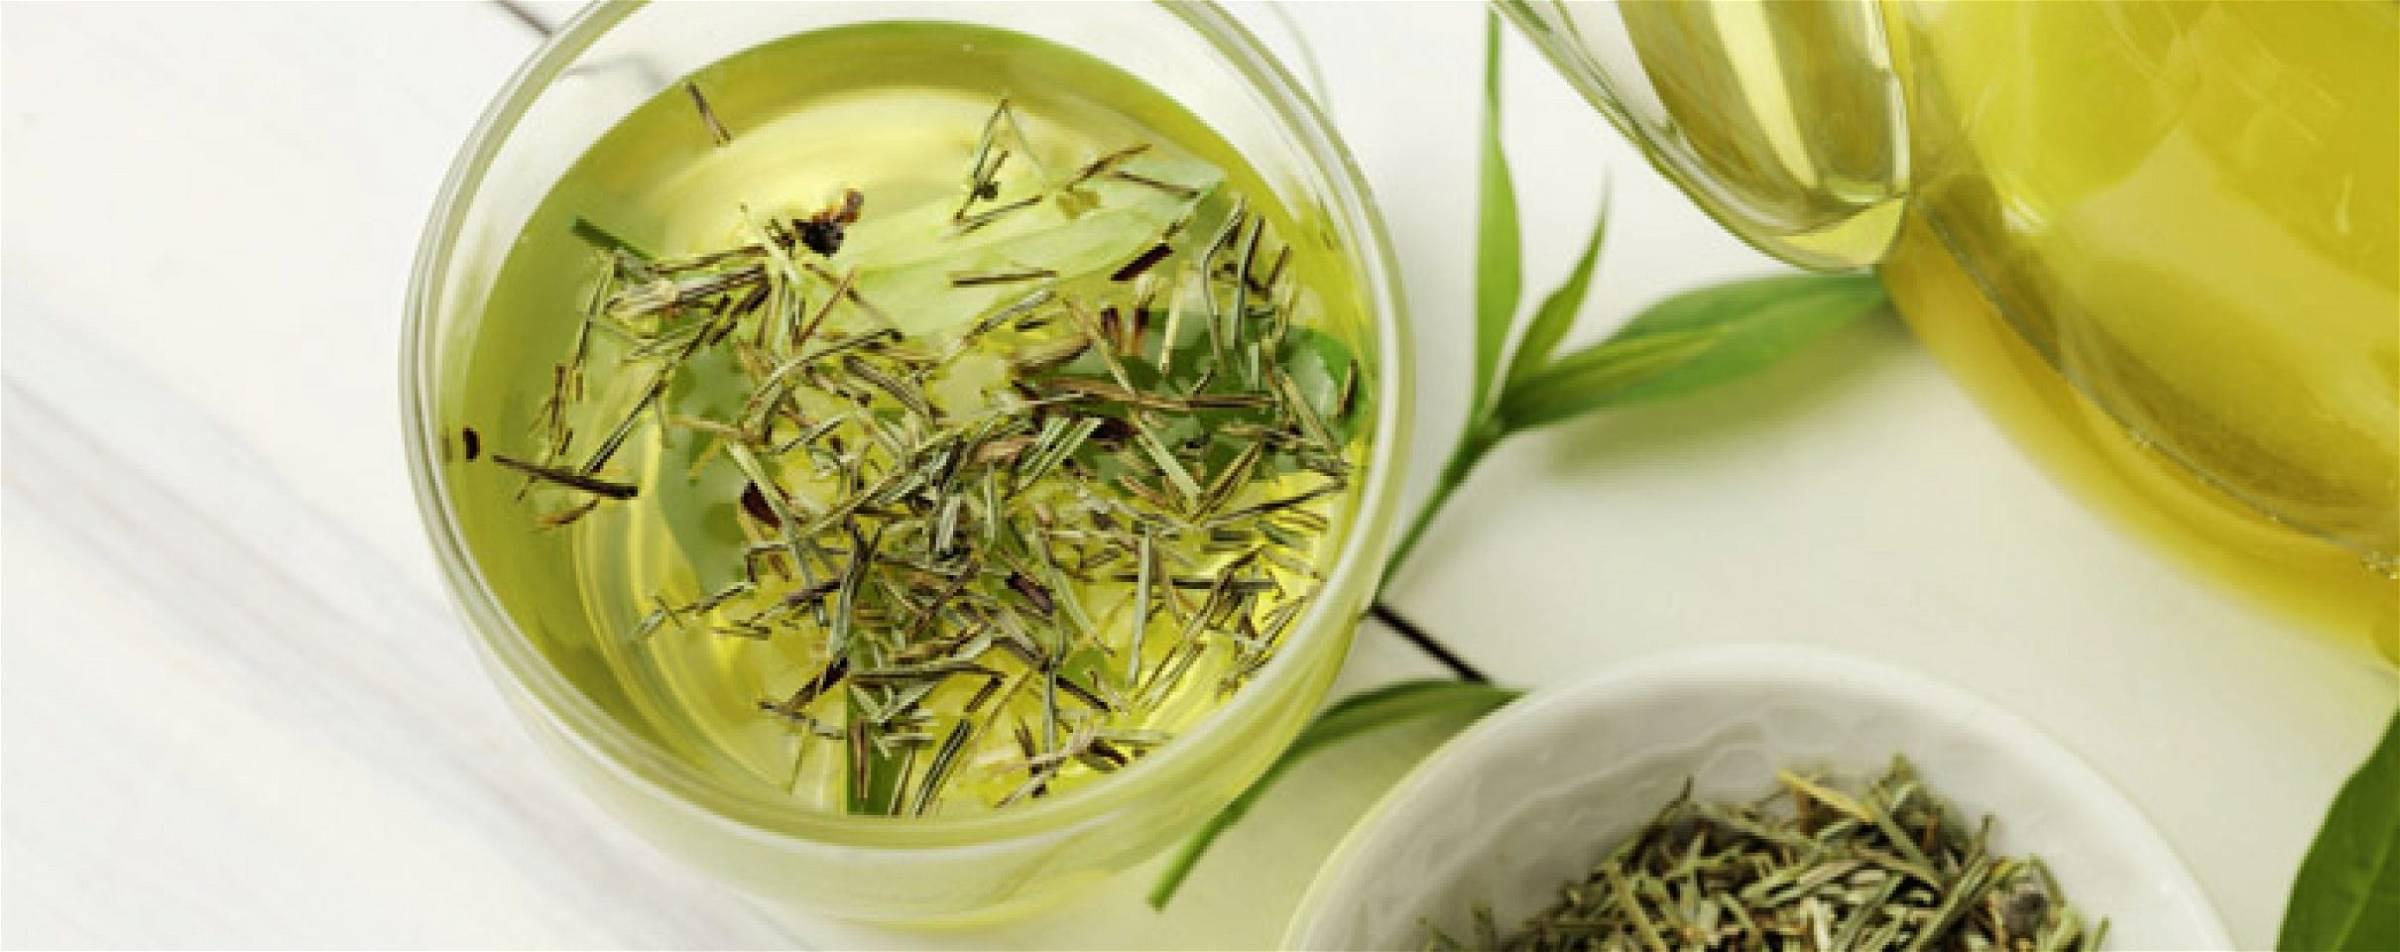 ontgiften met groene thee